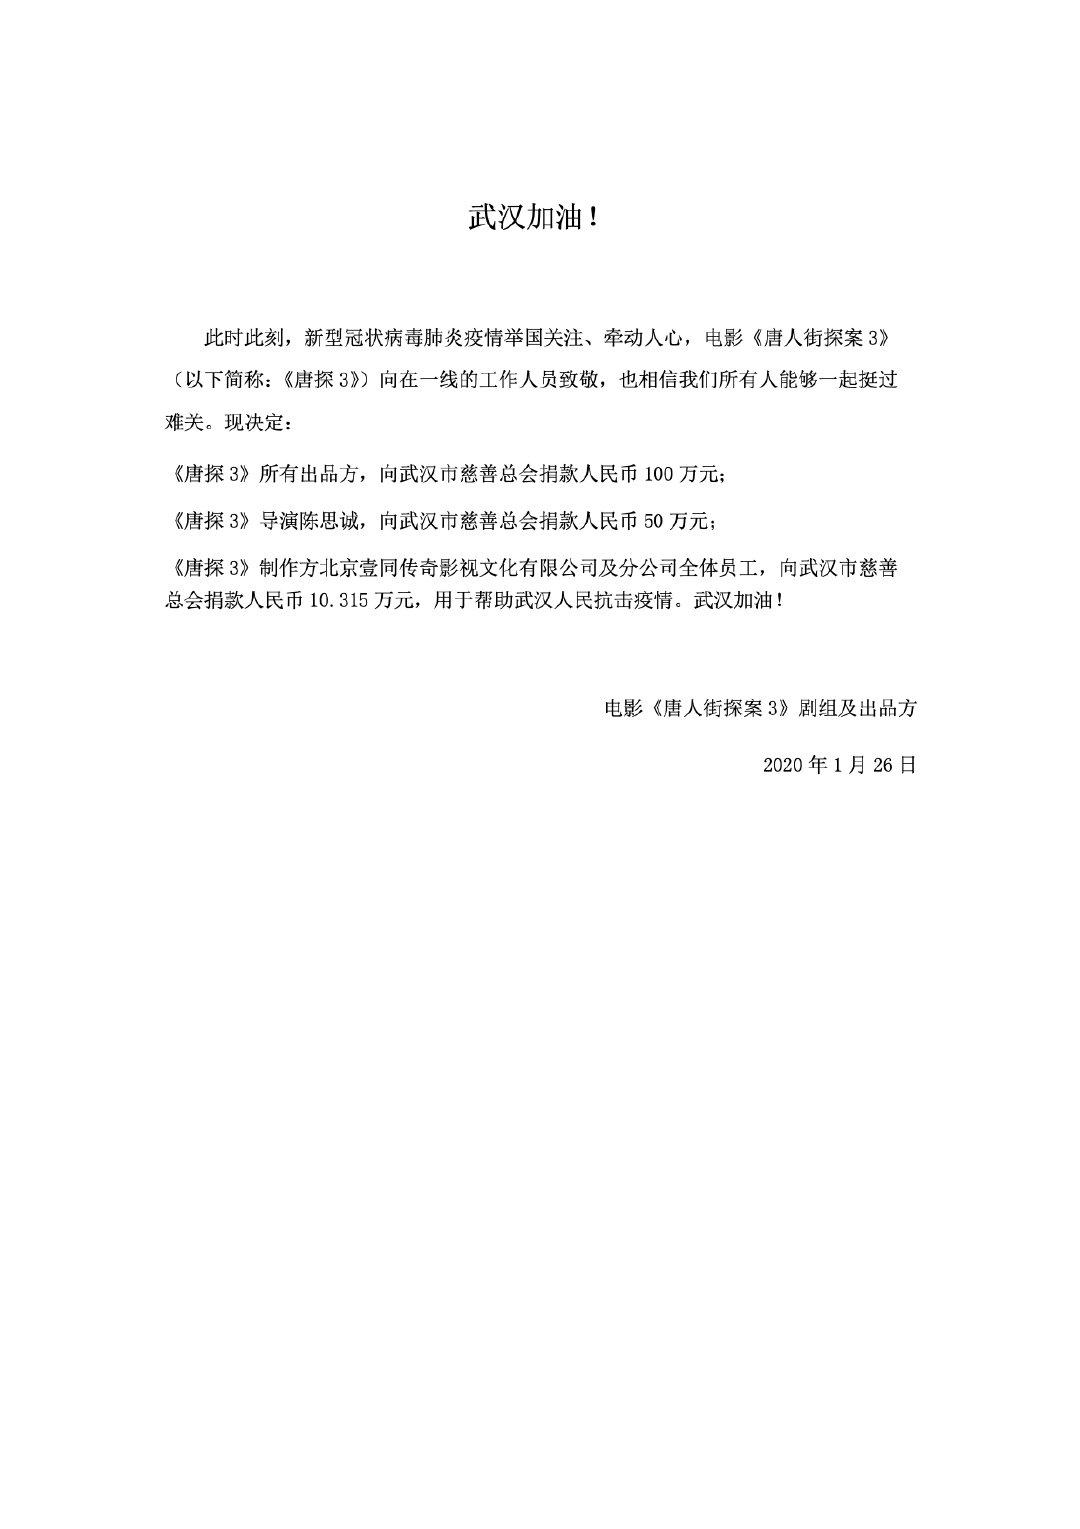 抗击疫情!《唐人街探案3》宣布向武汉捐款160万元